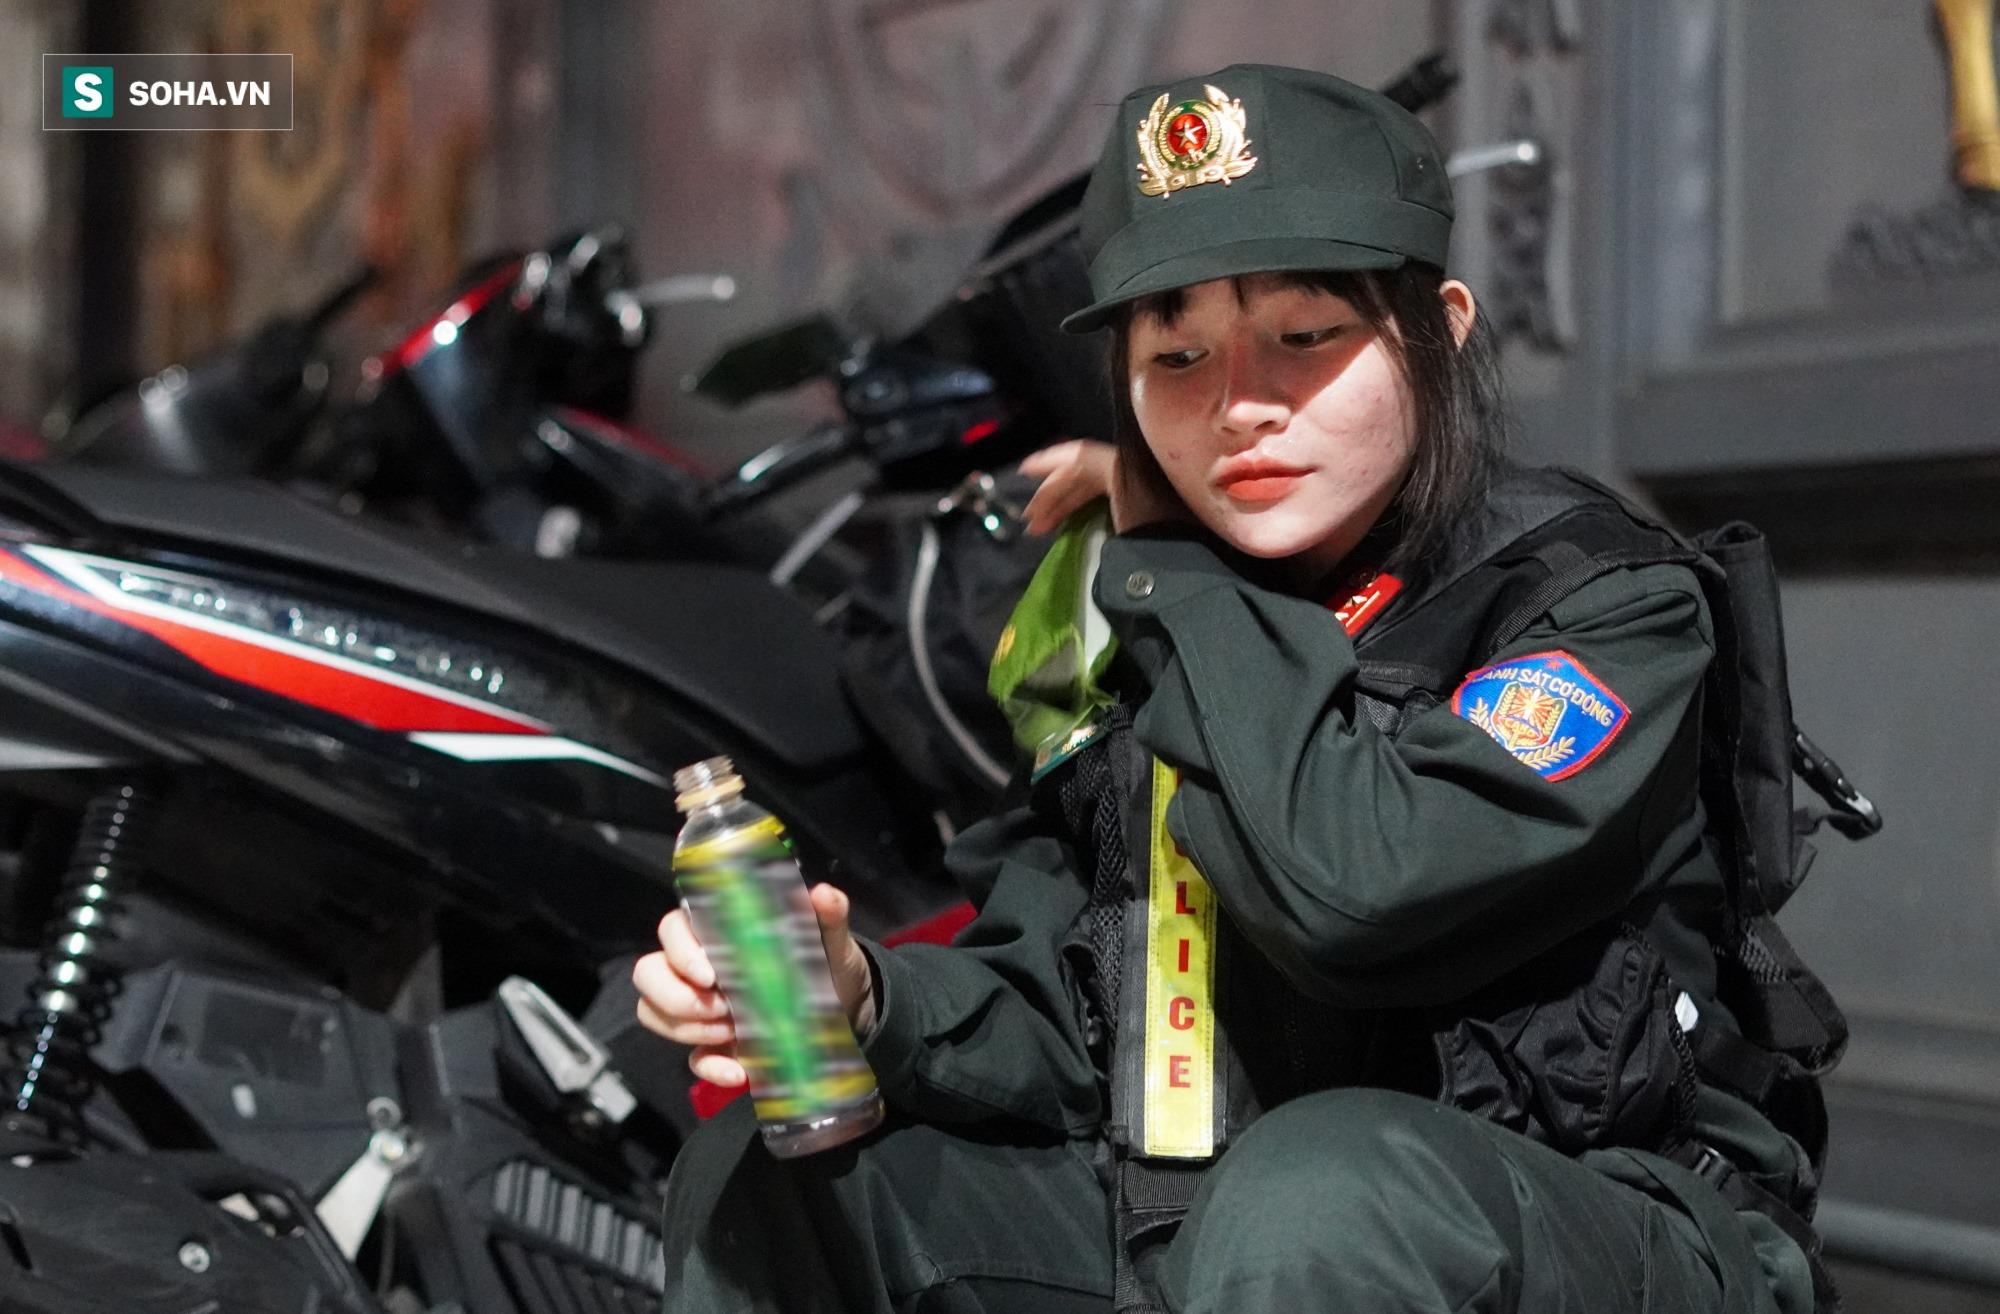 Nữ cảnh sát đặc nhiệm đầu tiên của tổ 141: Quen với những đêm trắng vì sự bình yên của người dân - Ảnh 11.